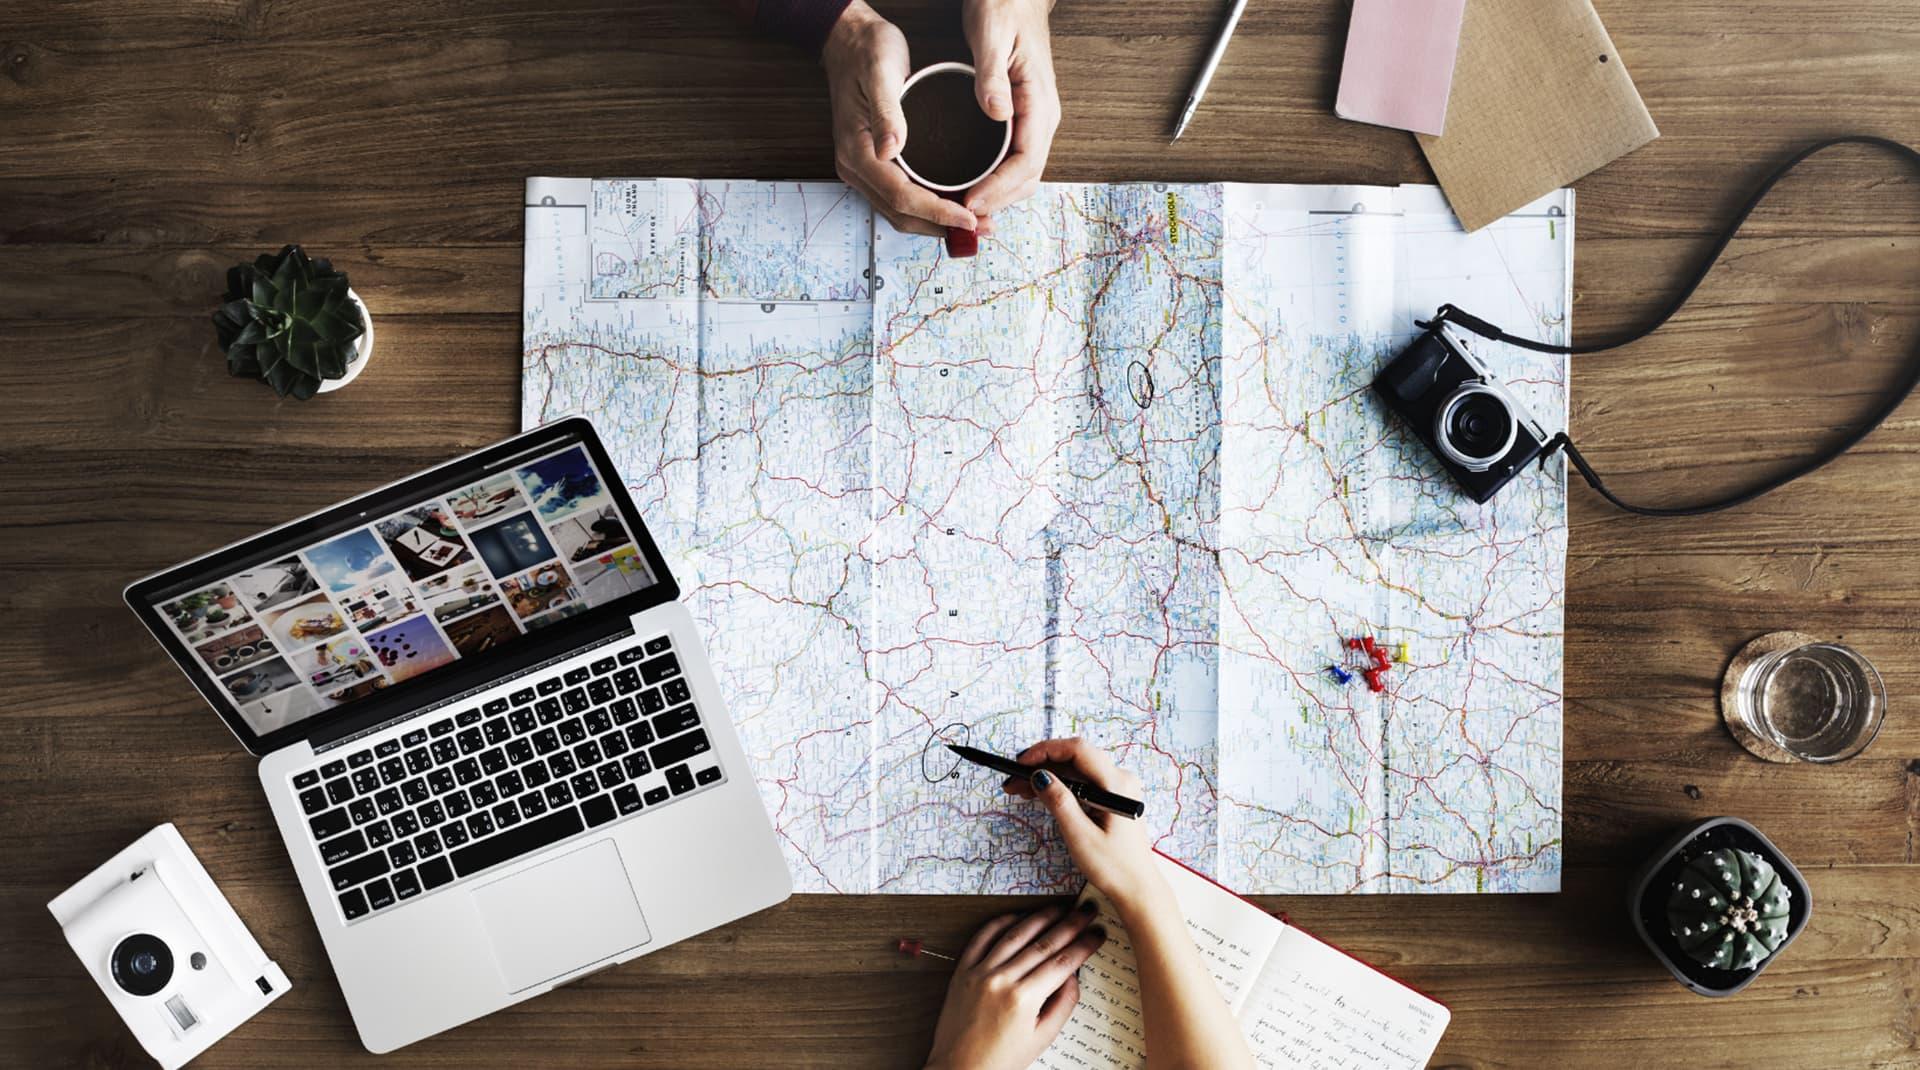 Поиск «своих», борьба с хаосом и спасательный круг: зачем на самом деле нужен контент-план